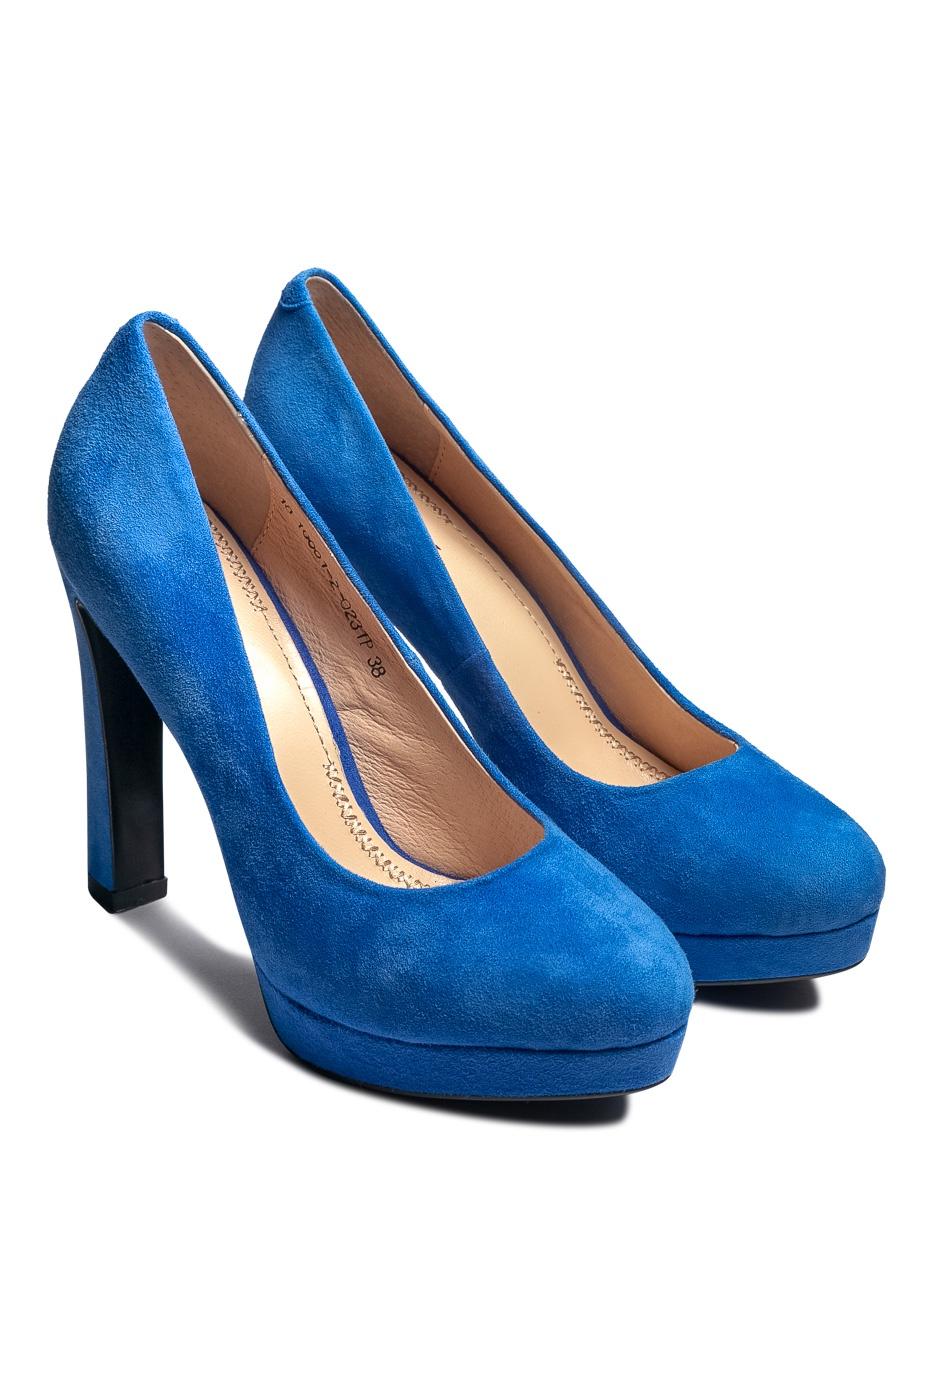 Туфли Valley туфли для девочки тотто цвет синий 30001 2 кп размер 35